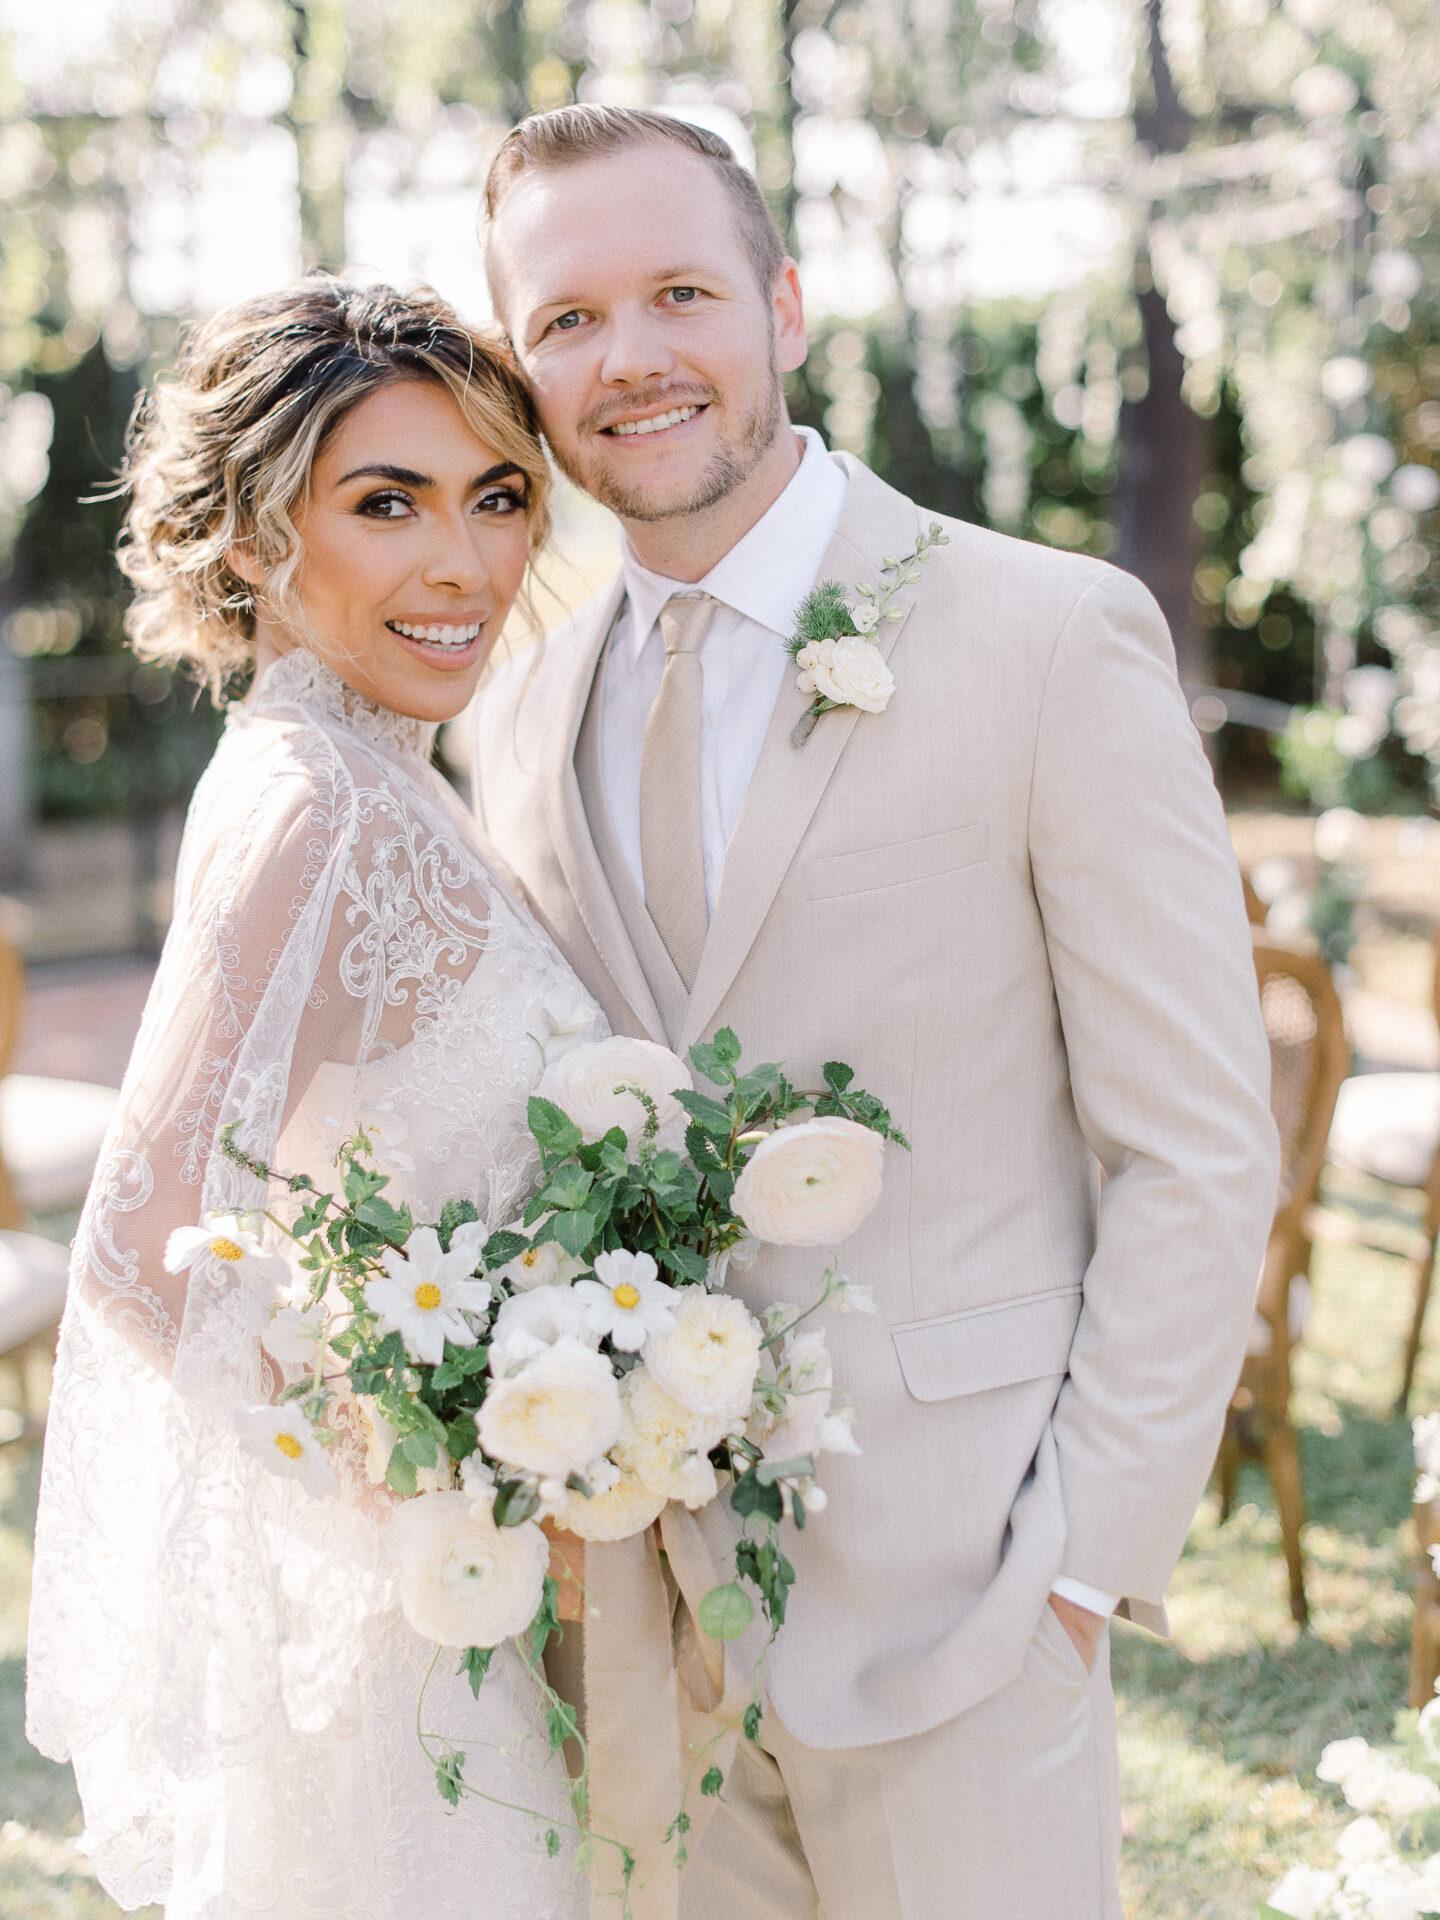 wedding, wedding season, biracial couple,